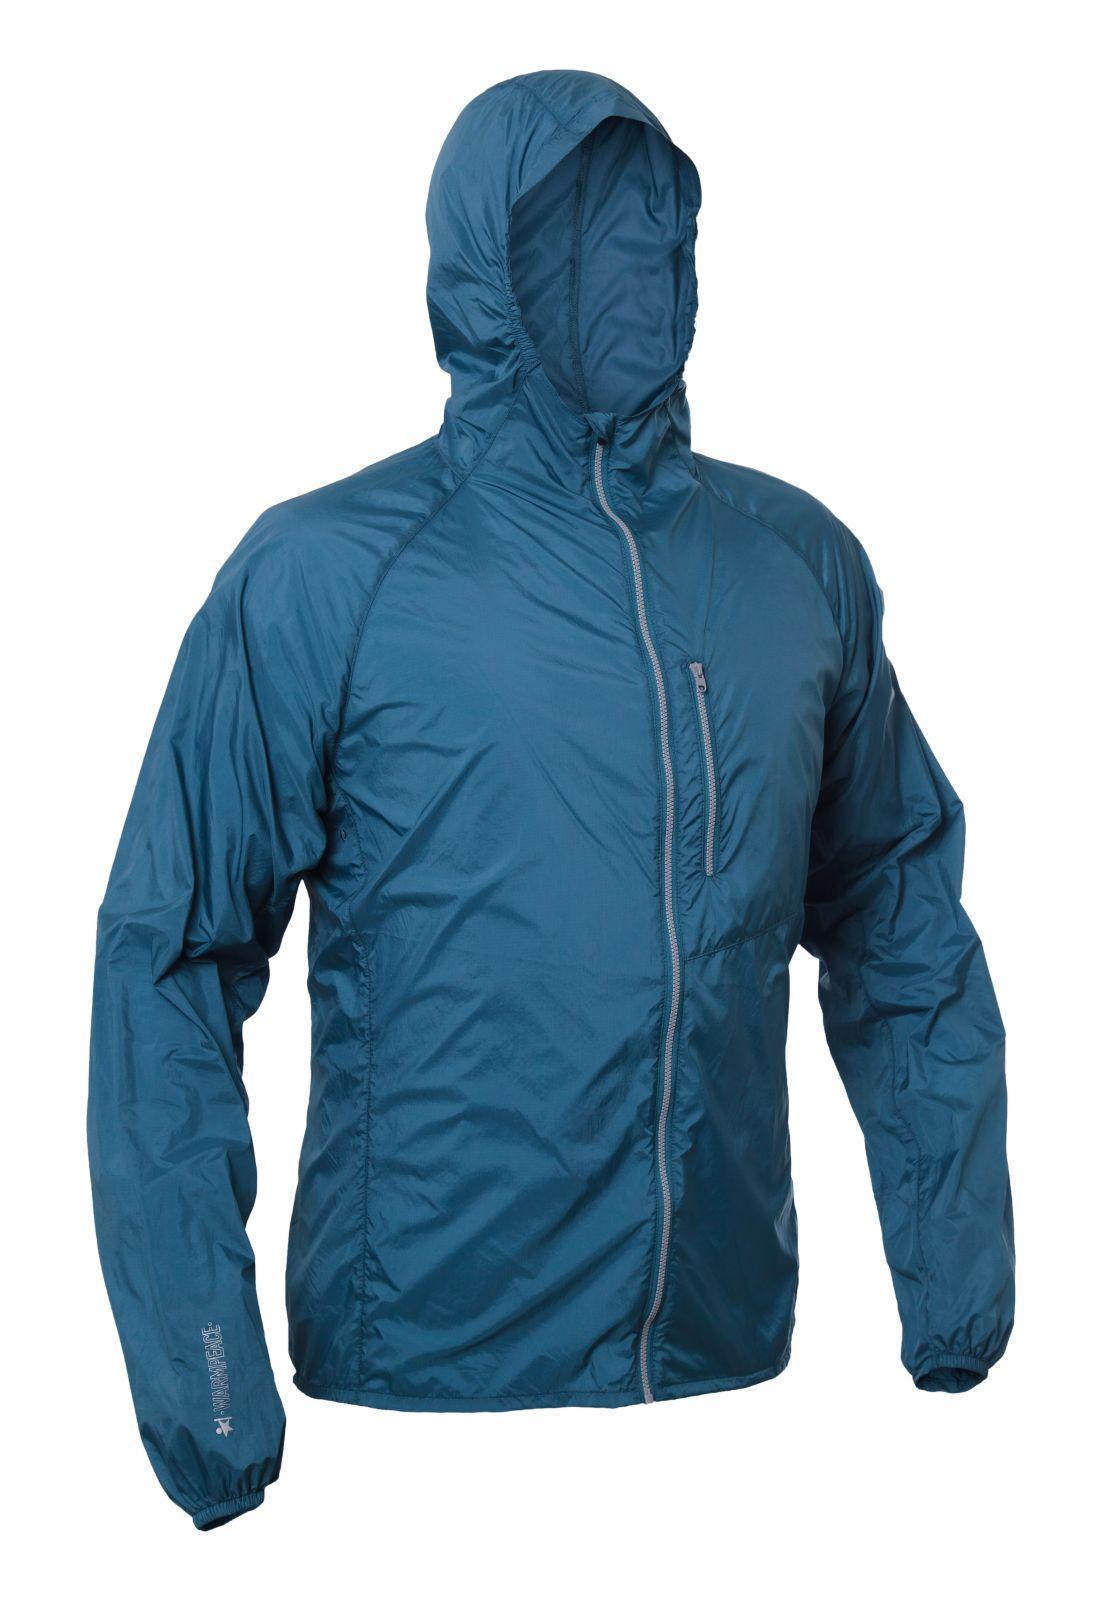 Outdoorix - Warmpeace Forte moroccan blue ultralehká bunda celopropínací Unisex